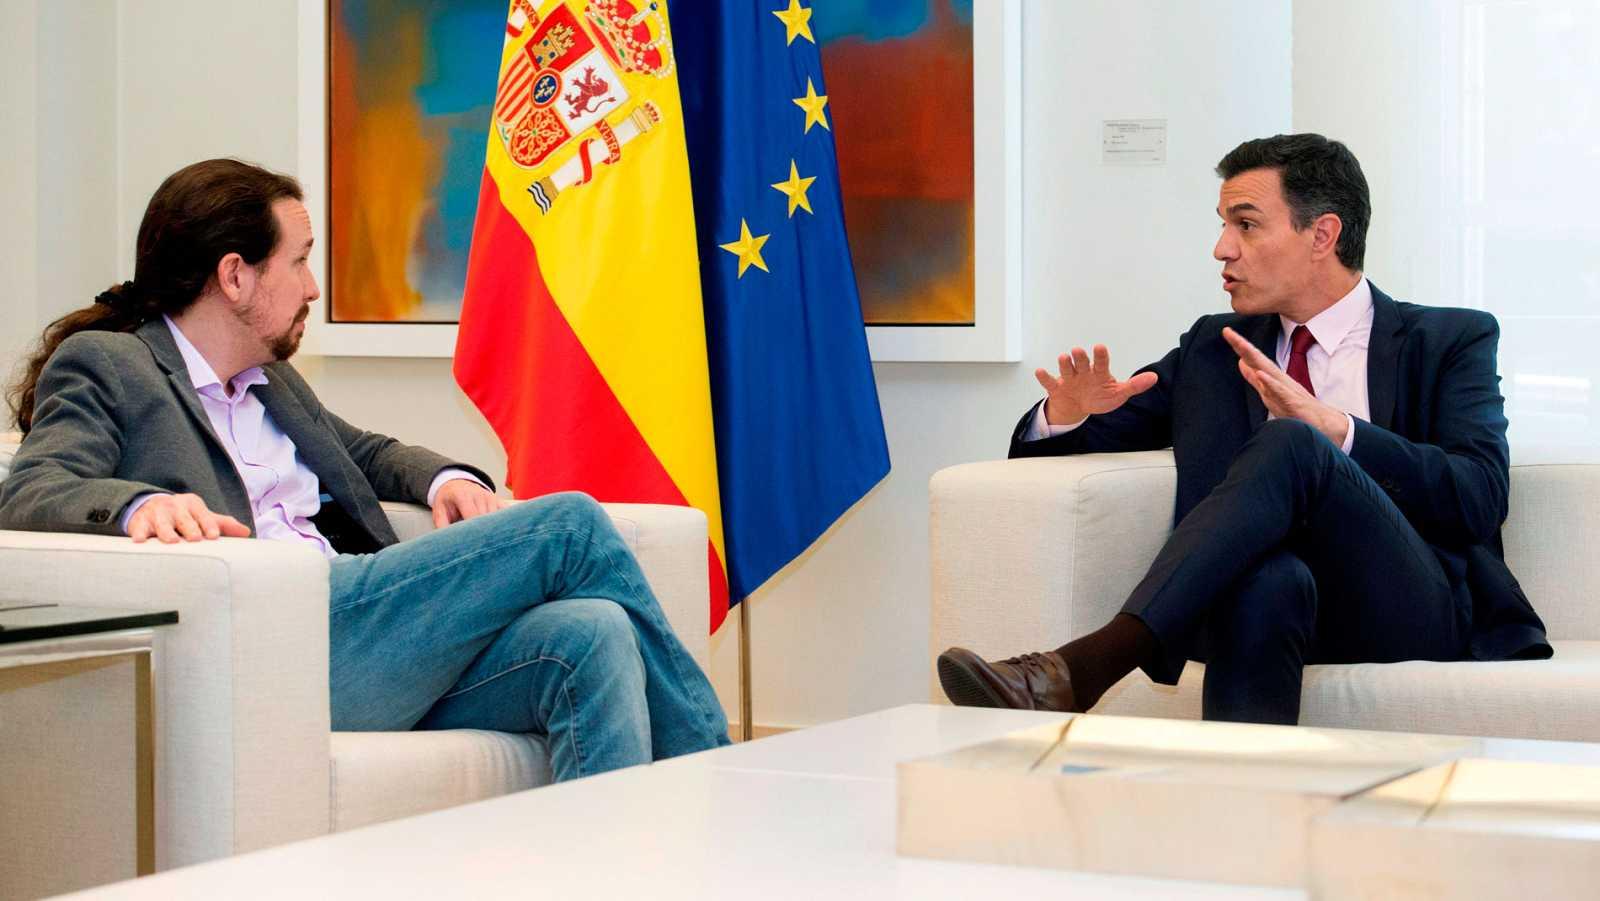 Sánchez e Iglesias escenifican su voluntad para llegar a un acuerdo de gobierno progresista